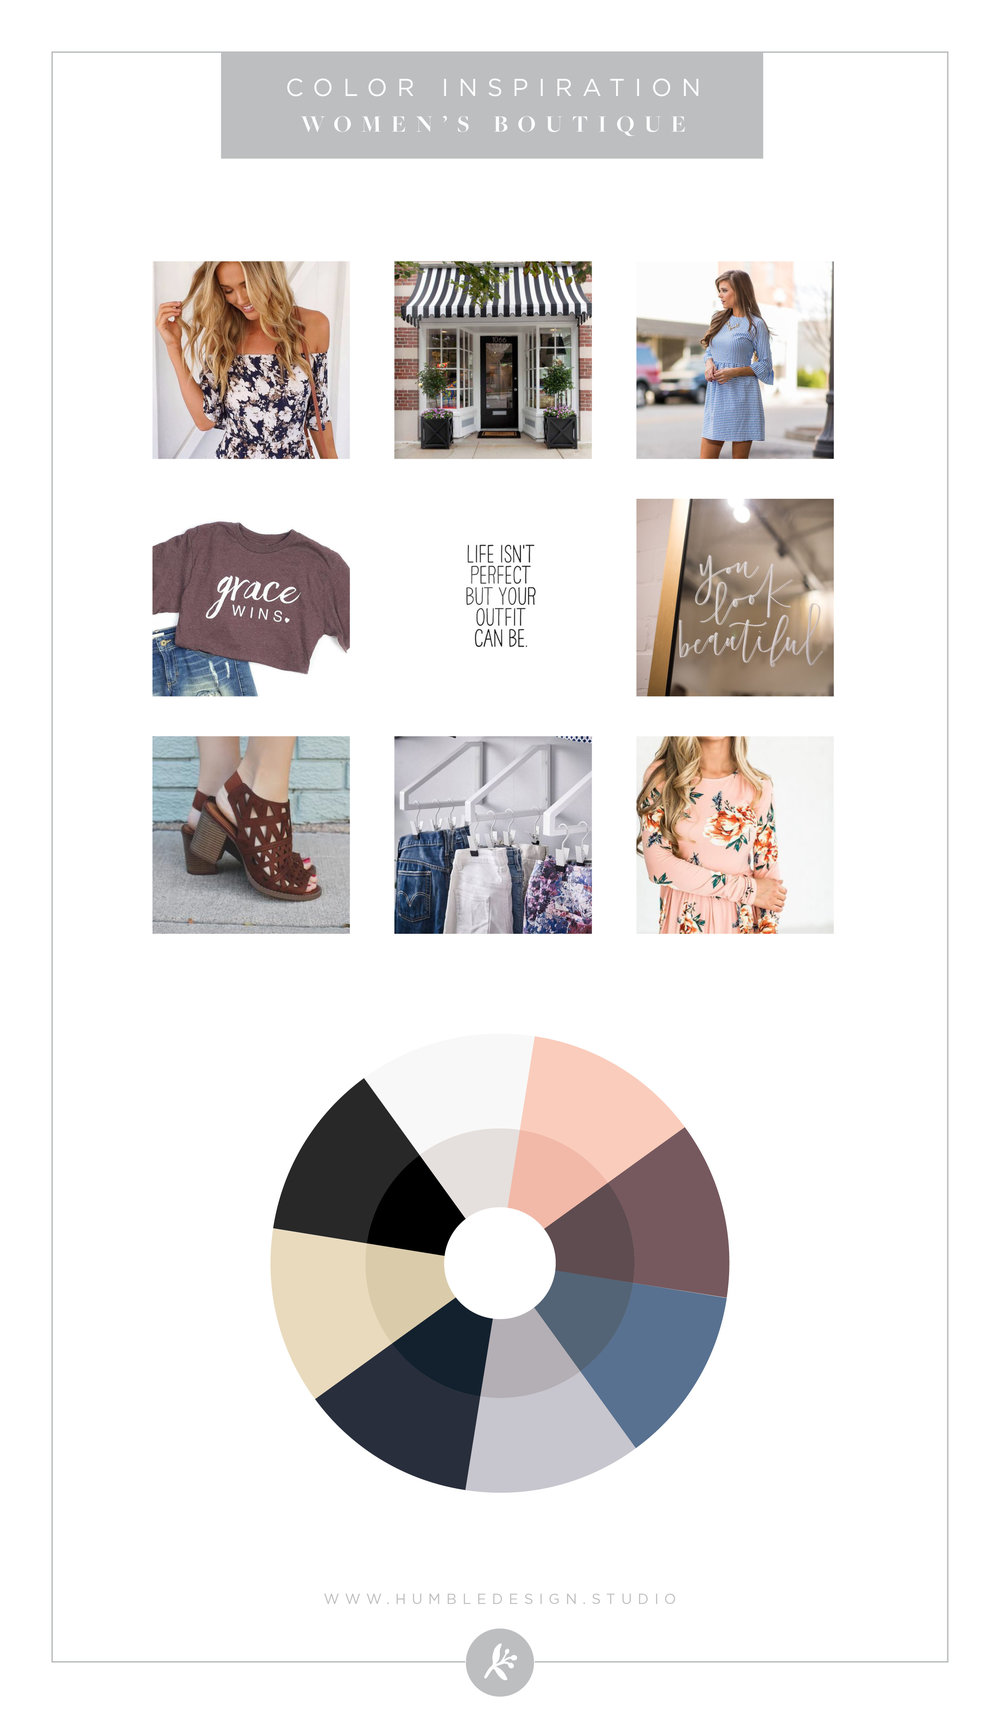 Womens Boutique color palette inspiration